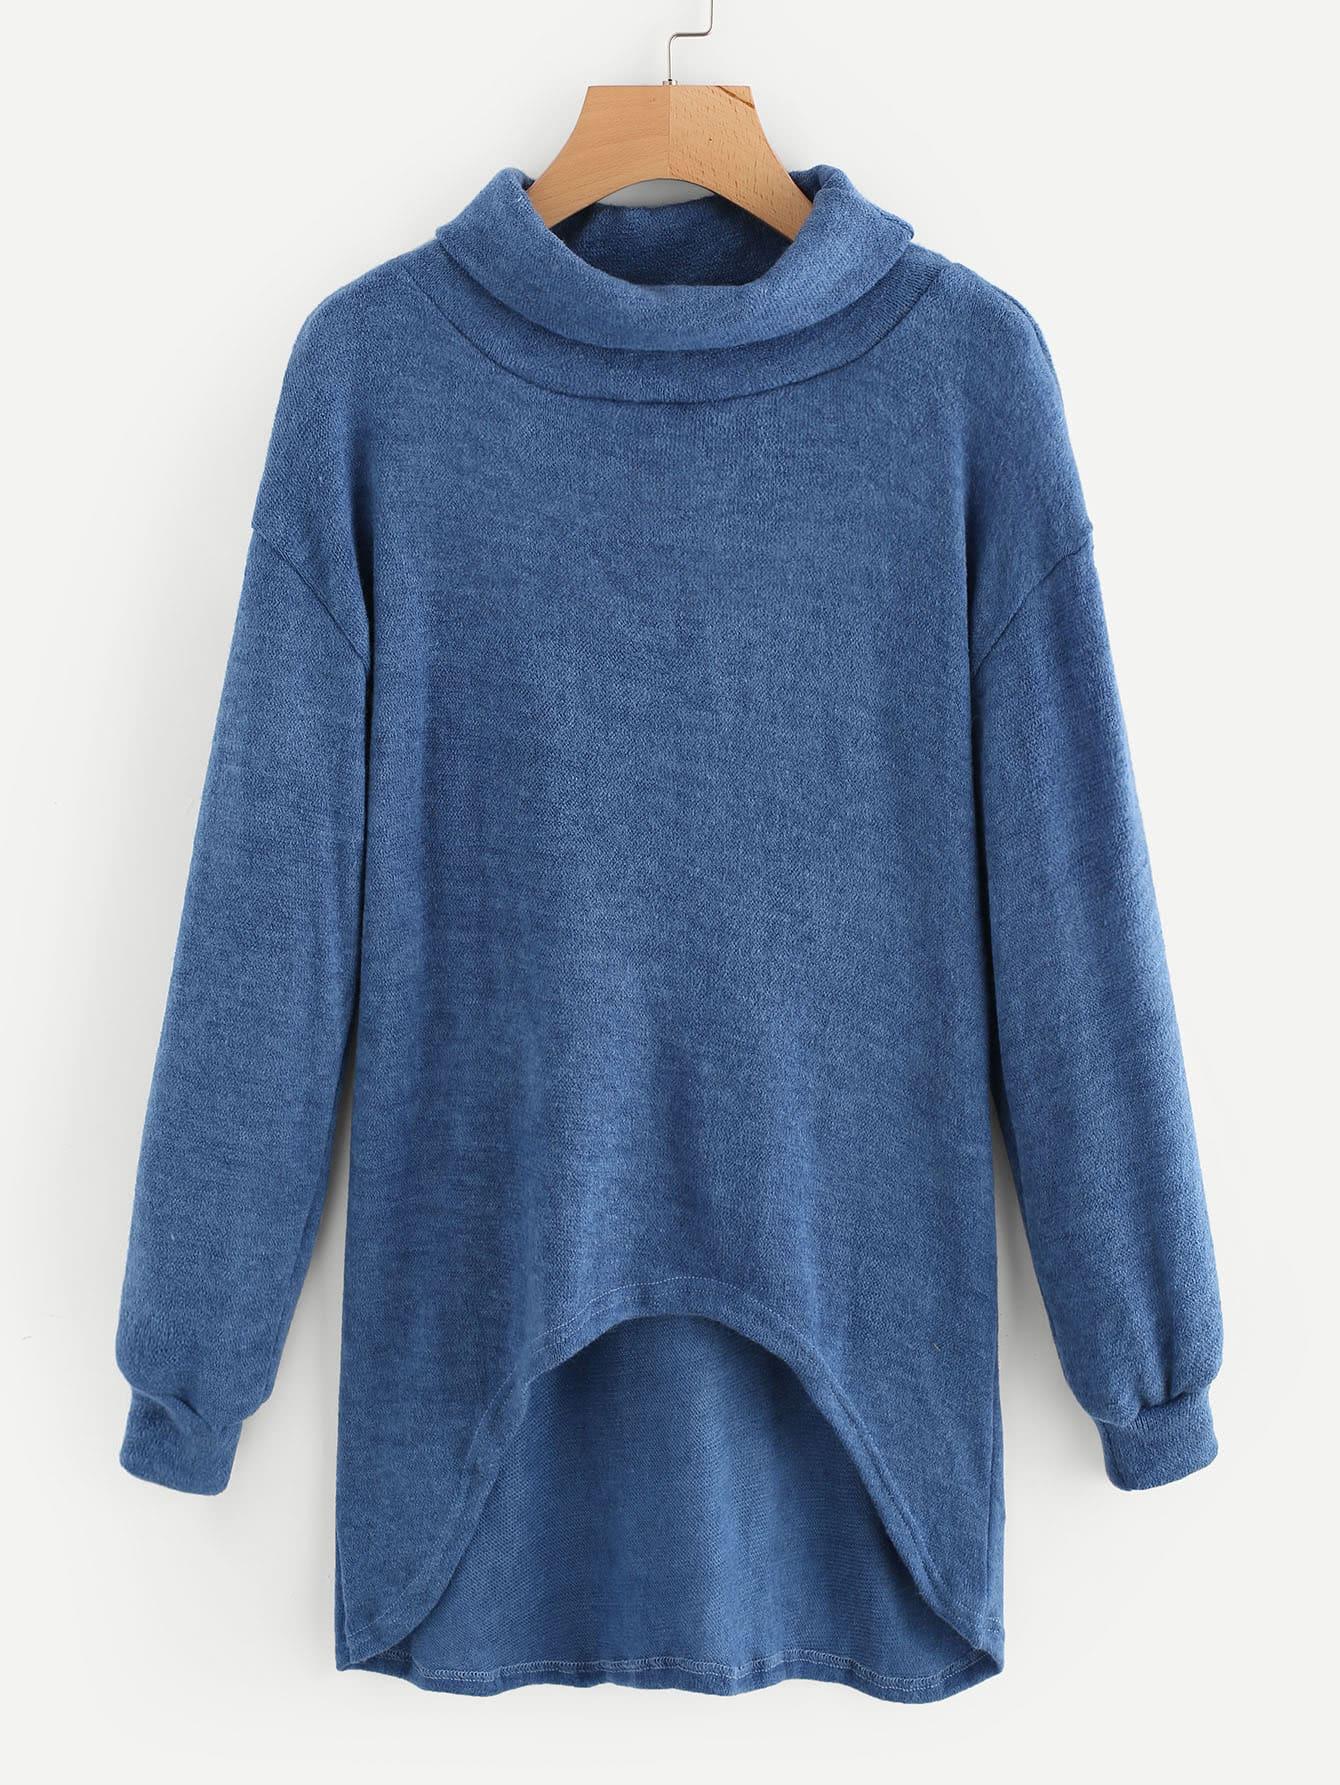 Cowl Neck Drop Shoulder Dip Hem Jumper two tone drop shoulder sweatshirt